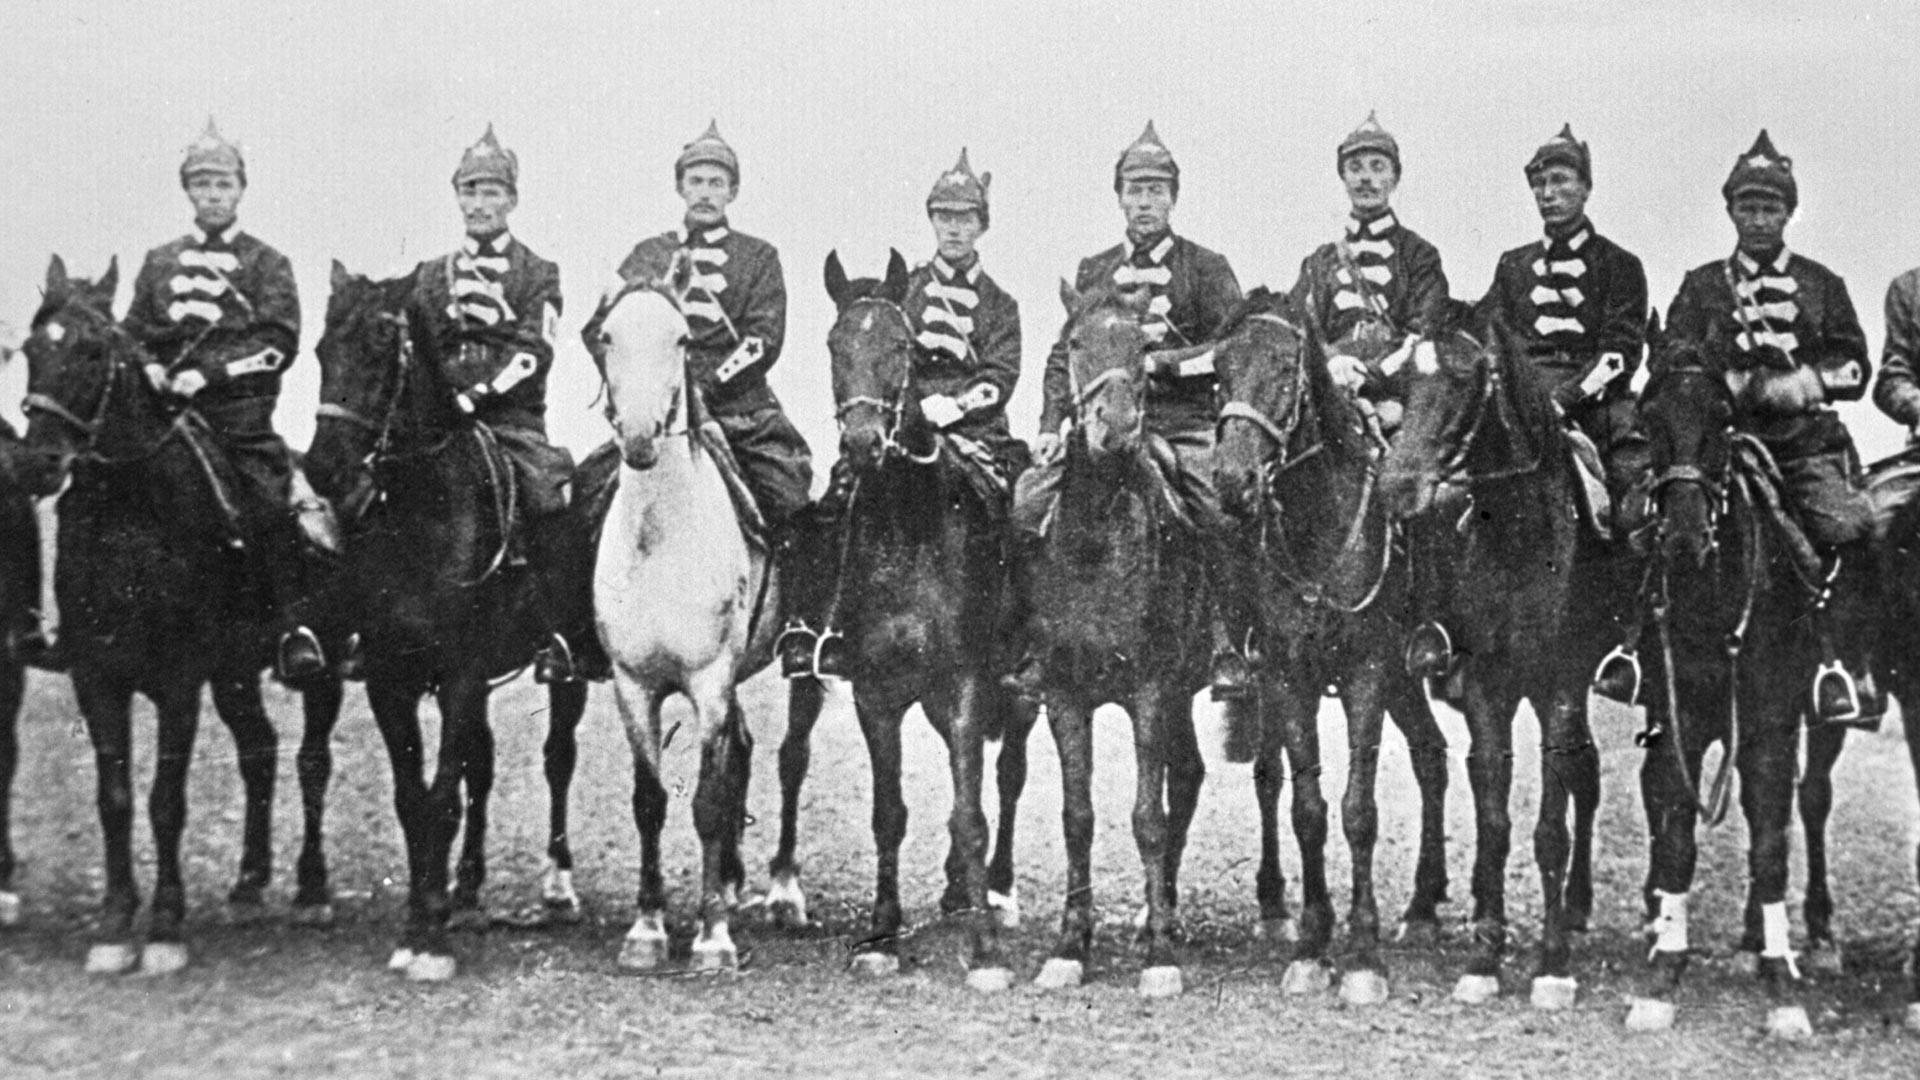 Poveljniki 1. konjeniške armade